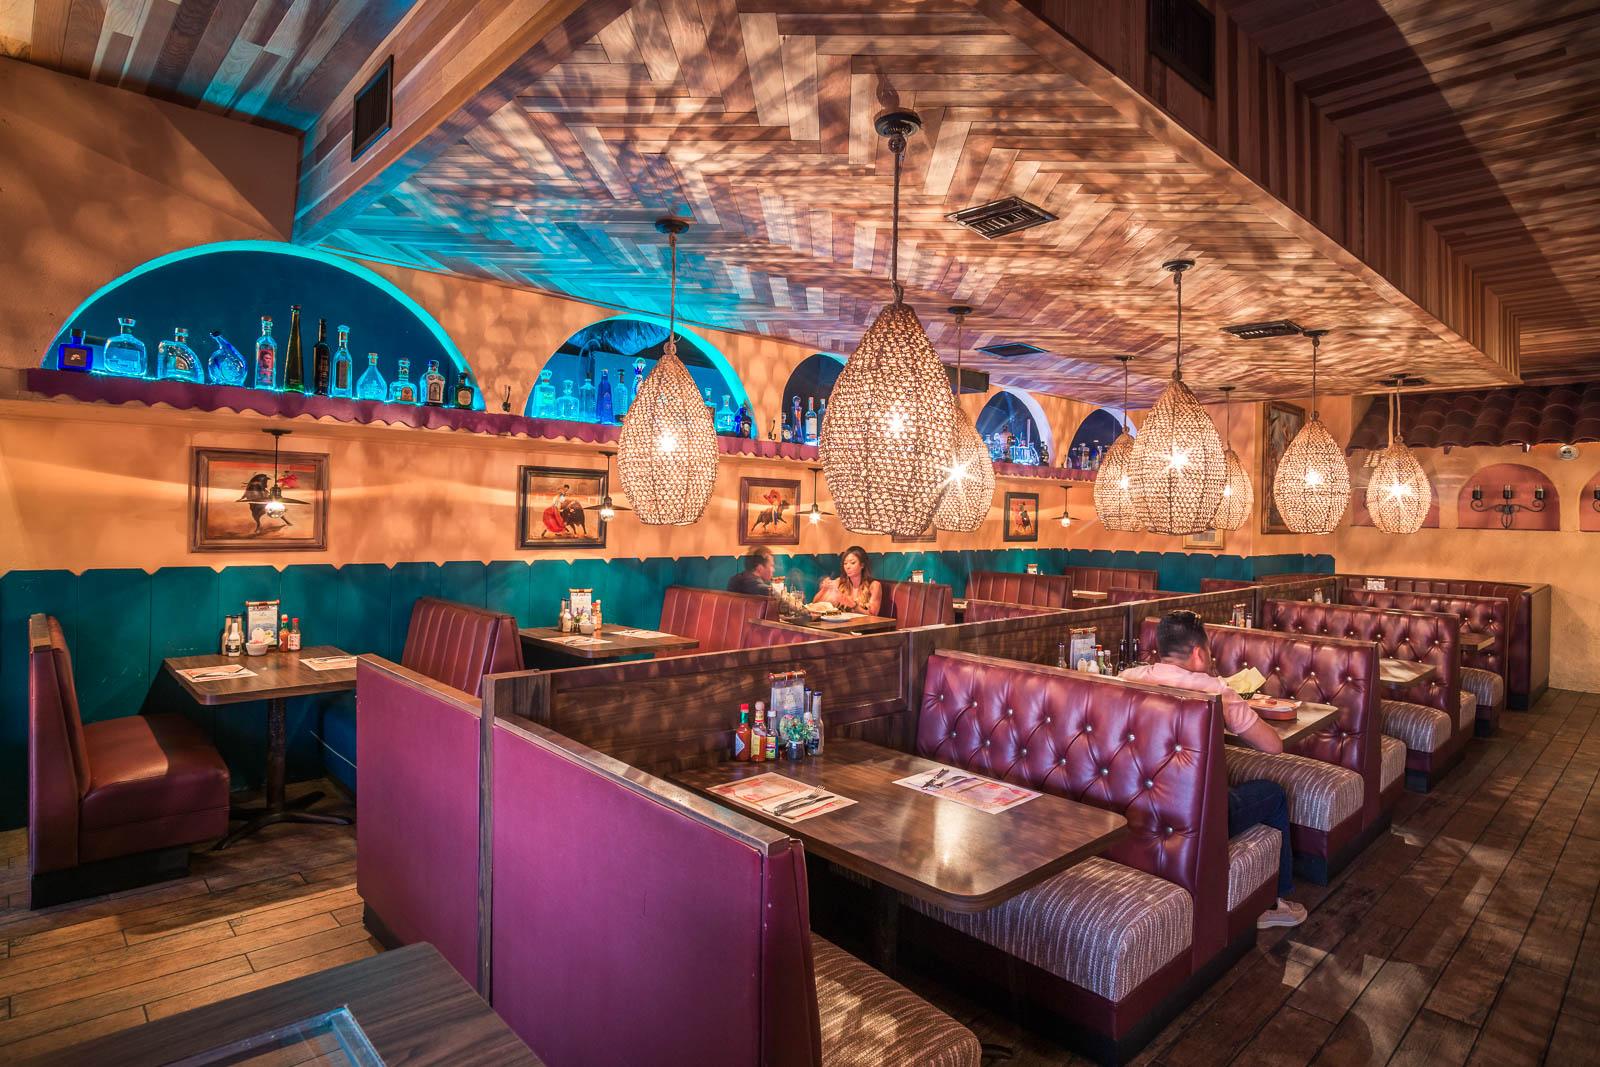 3_Ivy-Designs-El-Matador-Costa-Mesa_Joseph-Barber-Studios.jpg